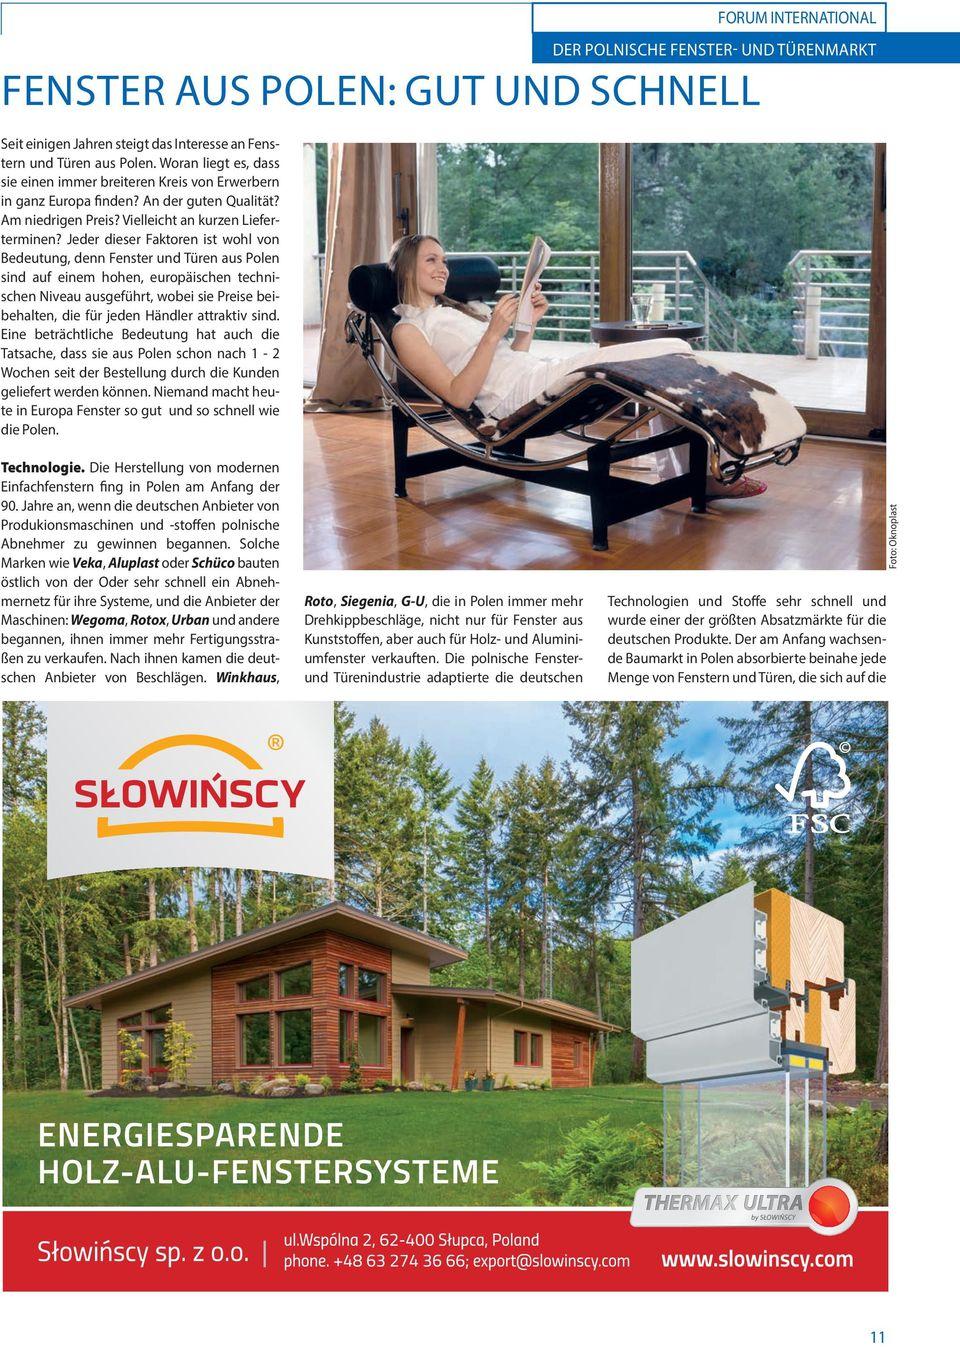 Full Size of Drutex Erfahrungen Forum Wir Werden Geehrt Fenster Test Wohnzimmer Drutex Erfahrungen Forum